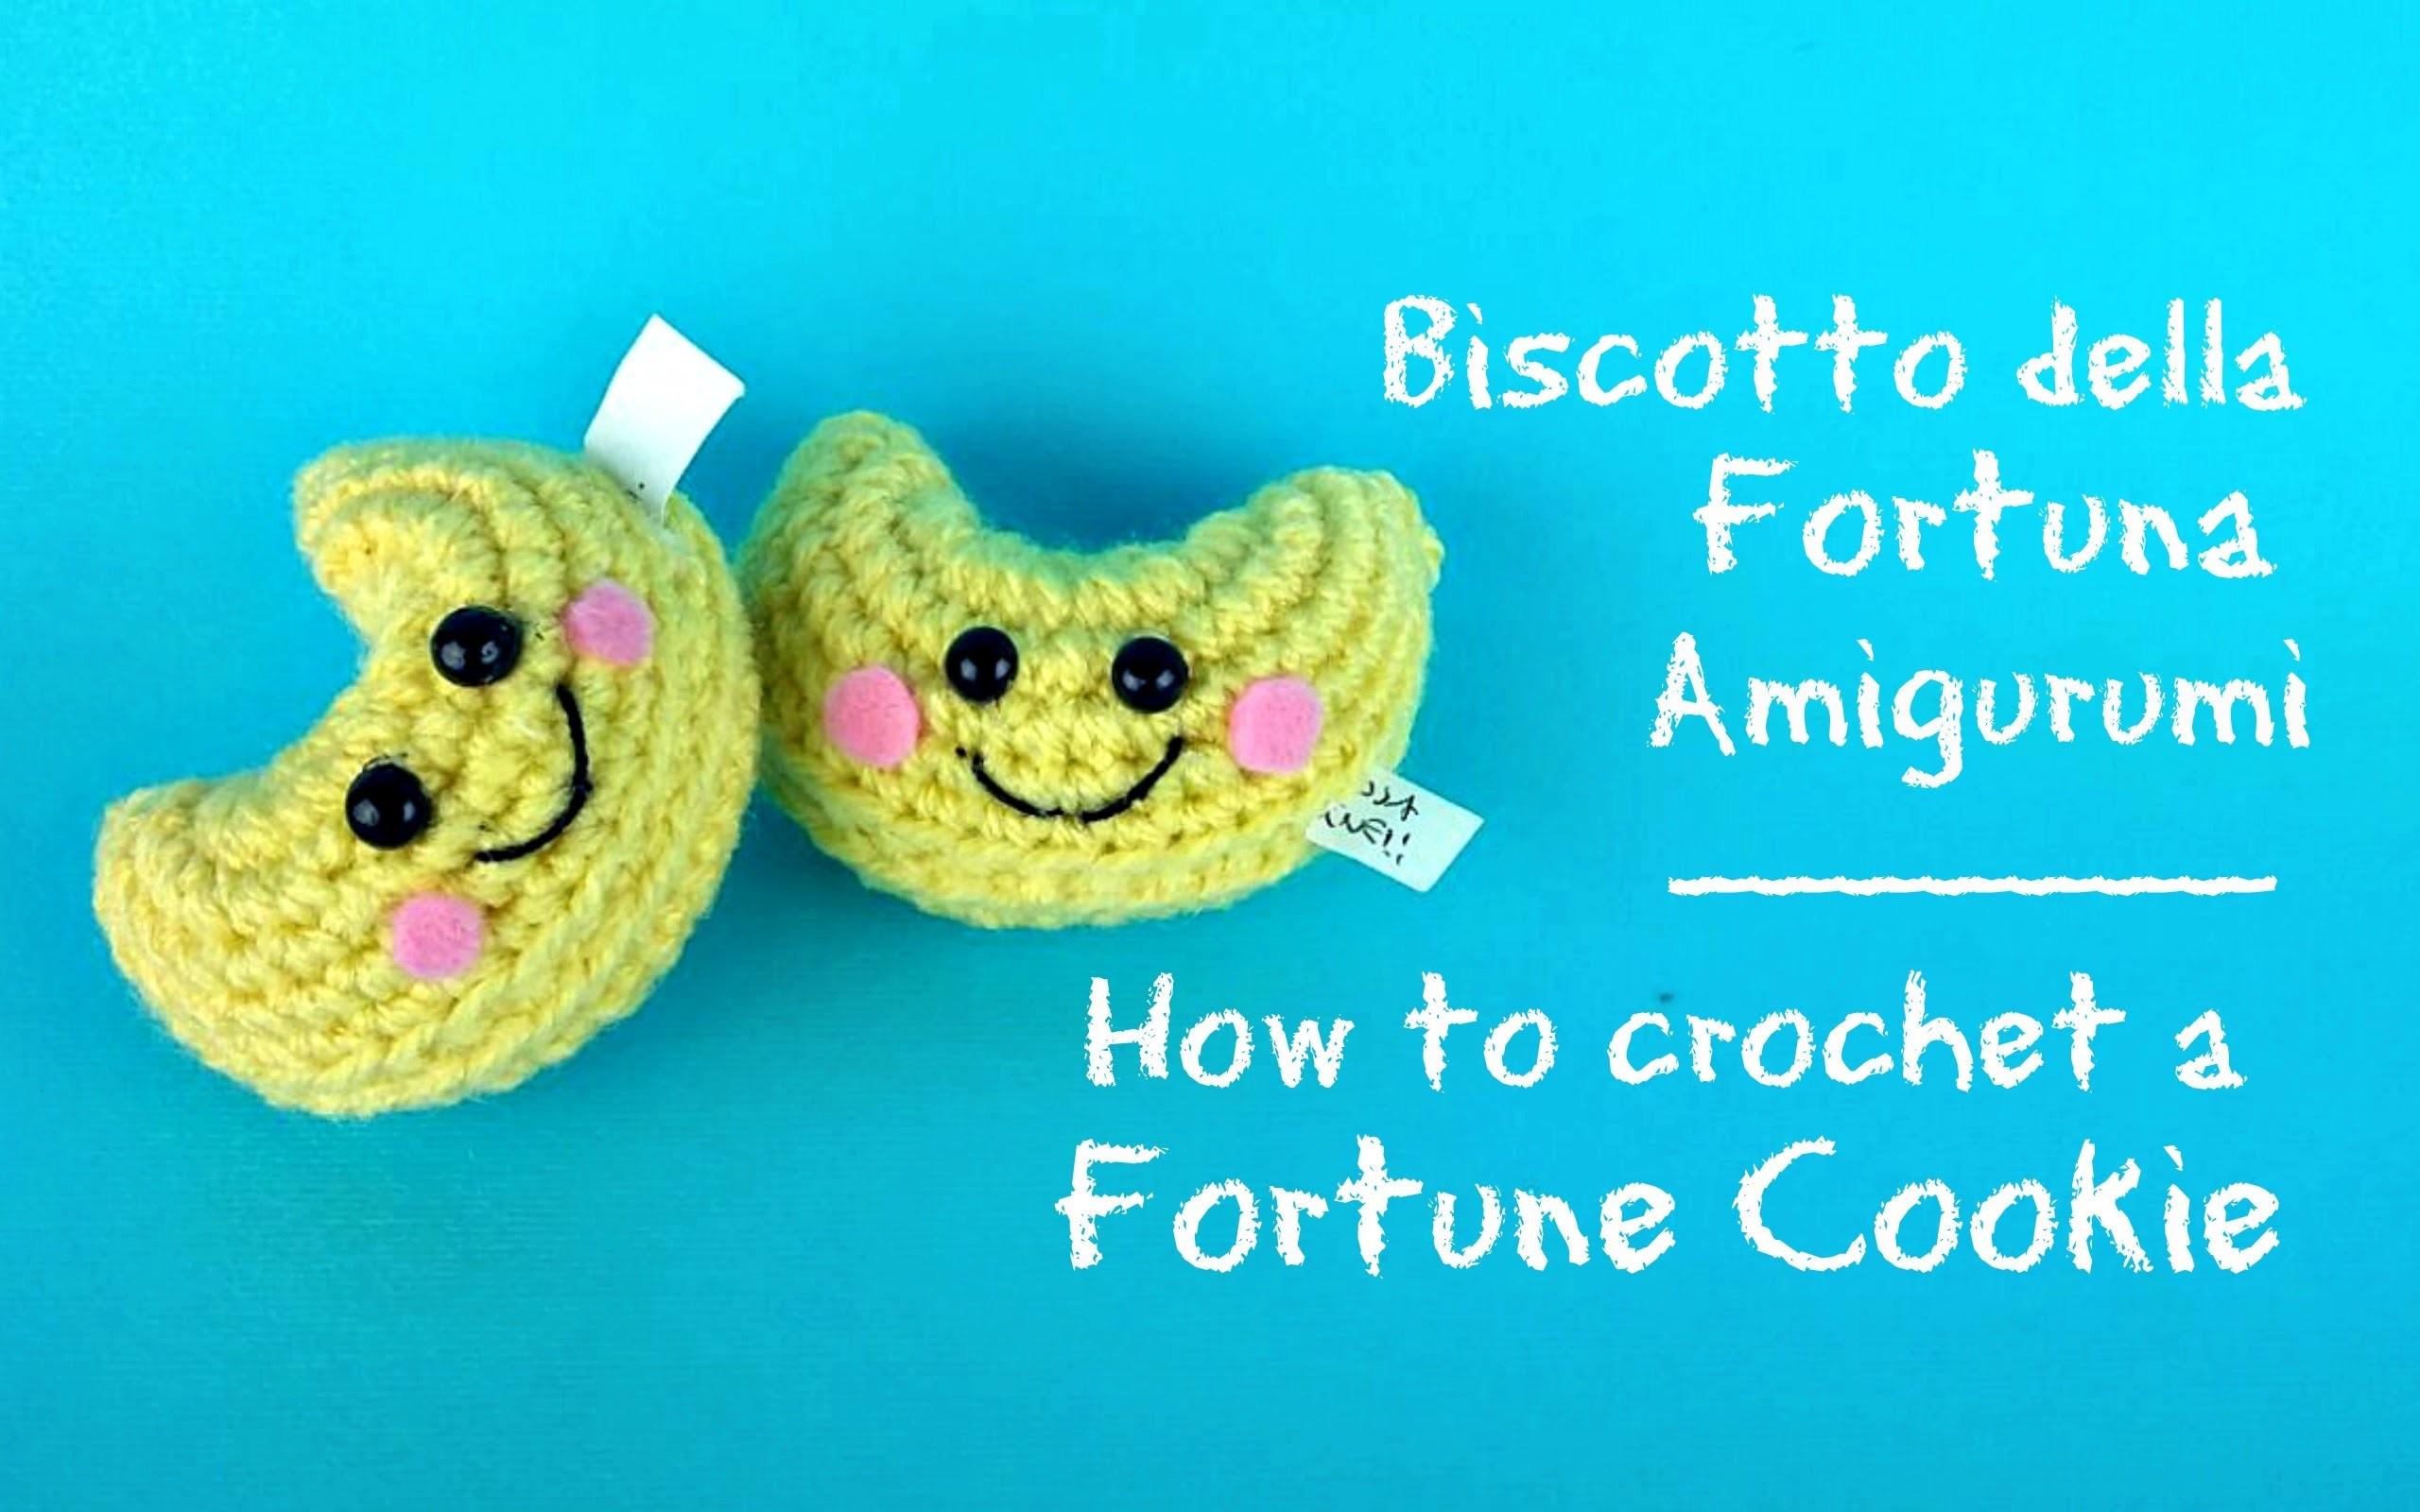 Amigurumi Fortune Cookie Pattern : Amigurumi biscotto della fortuna how to